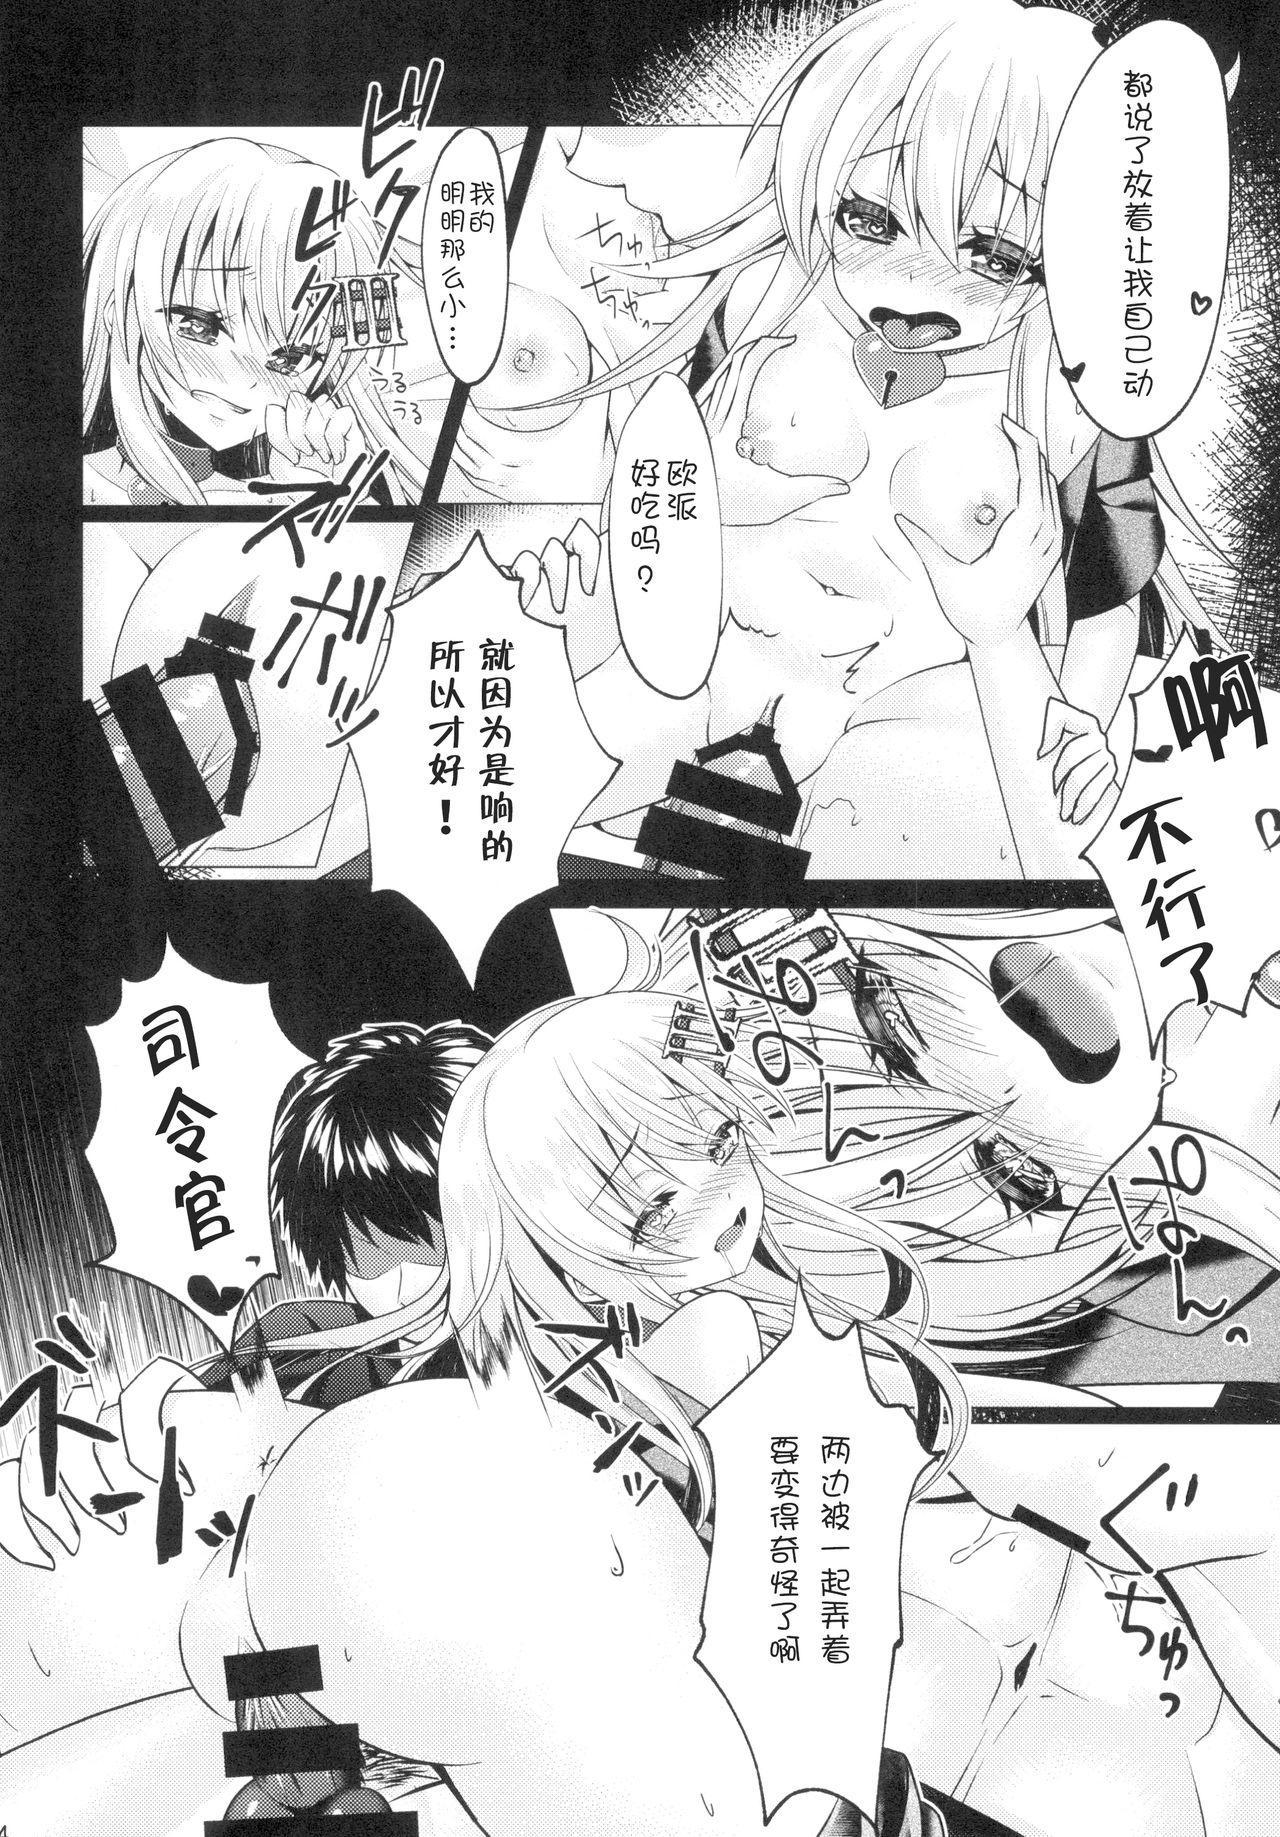 Futon no Naka de Hibiki o Okashita 15